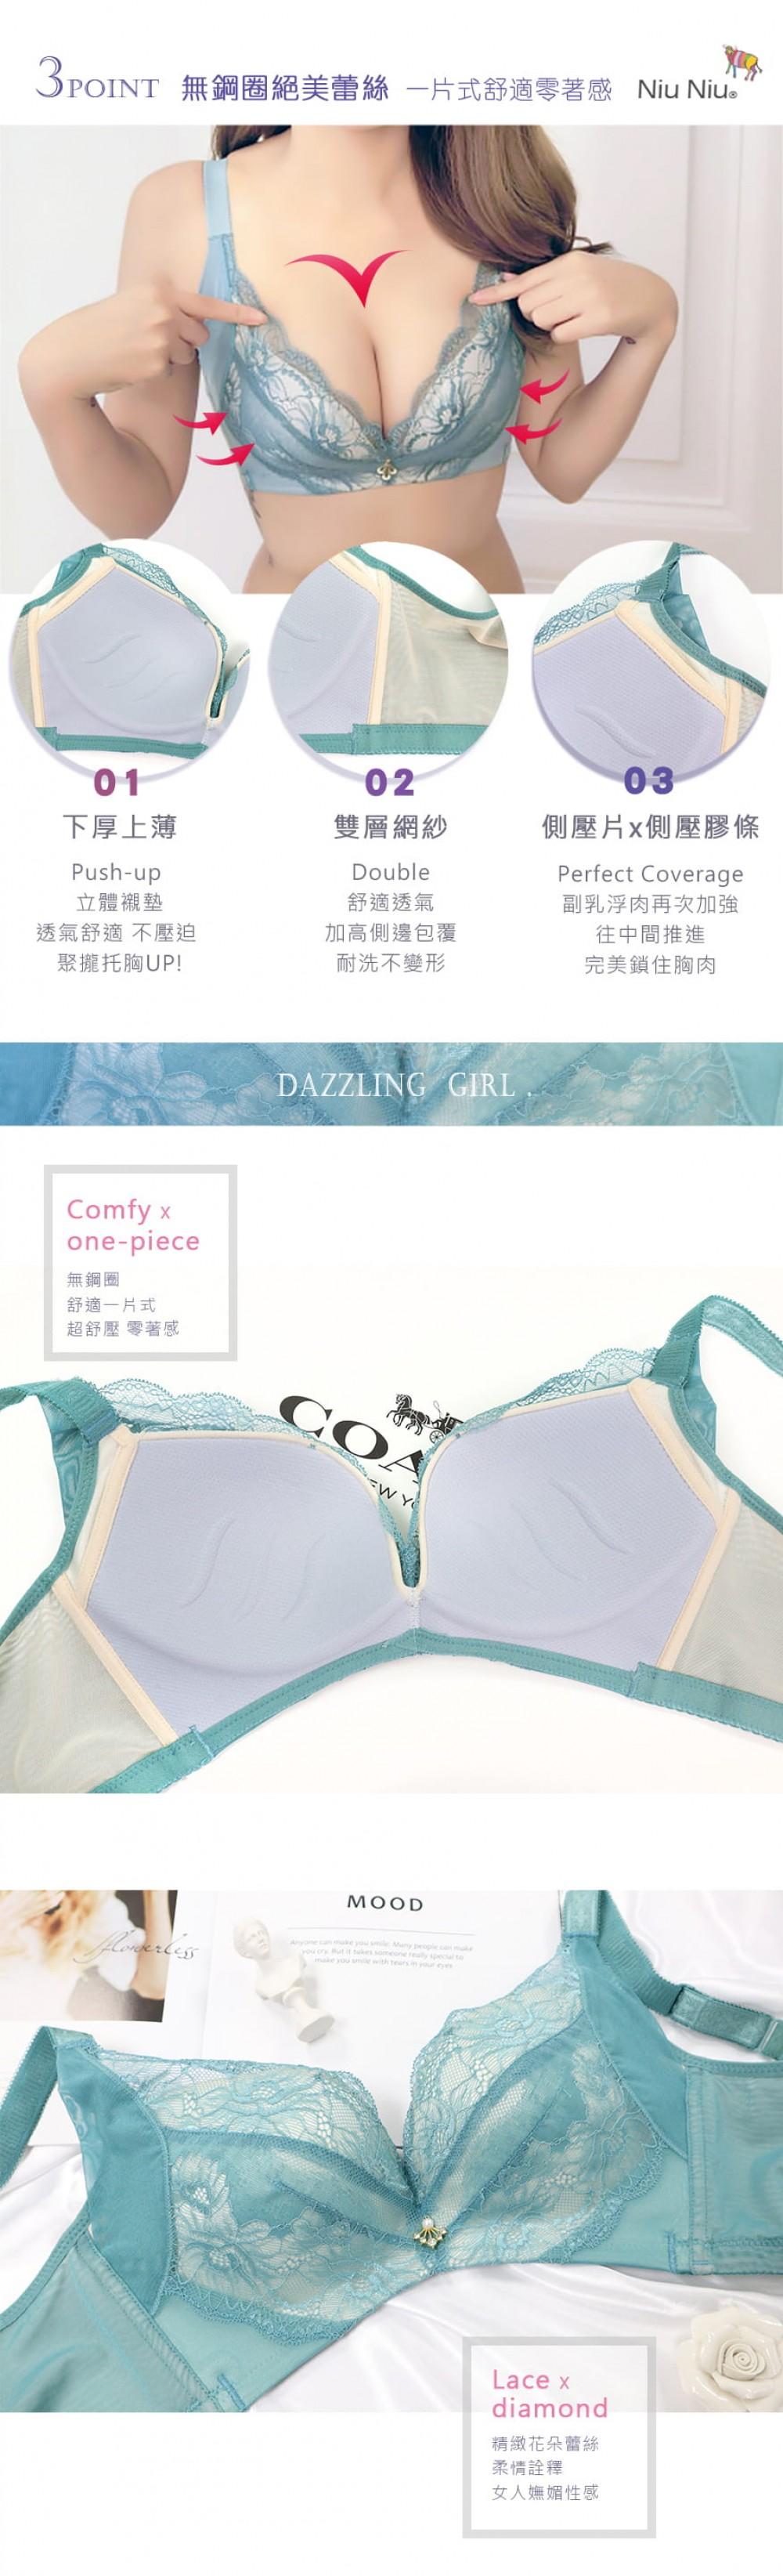 無鋼圈深V花朵吊飾調整型內衣套裝 3色